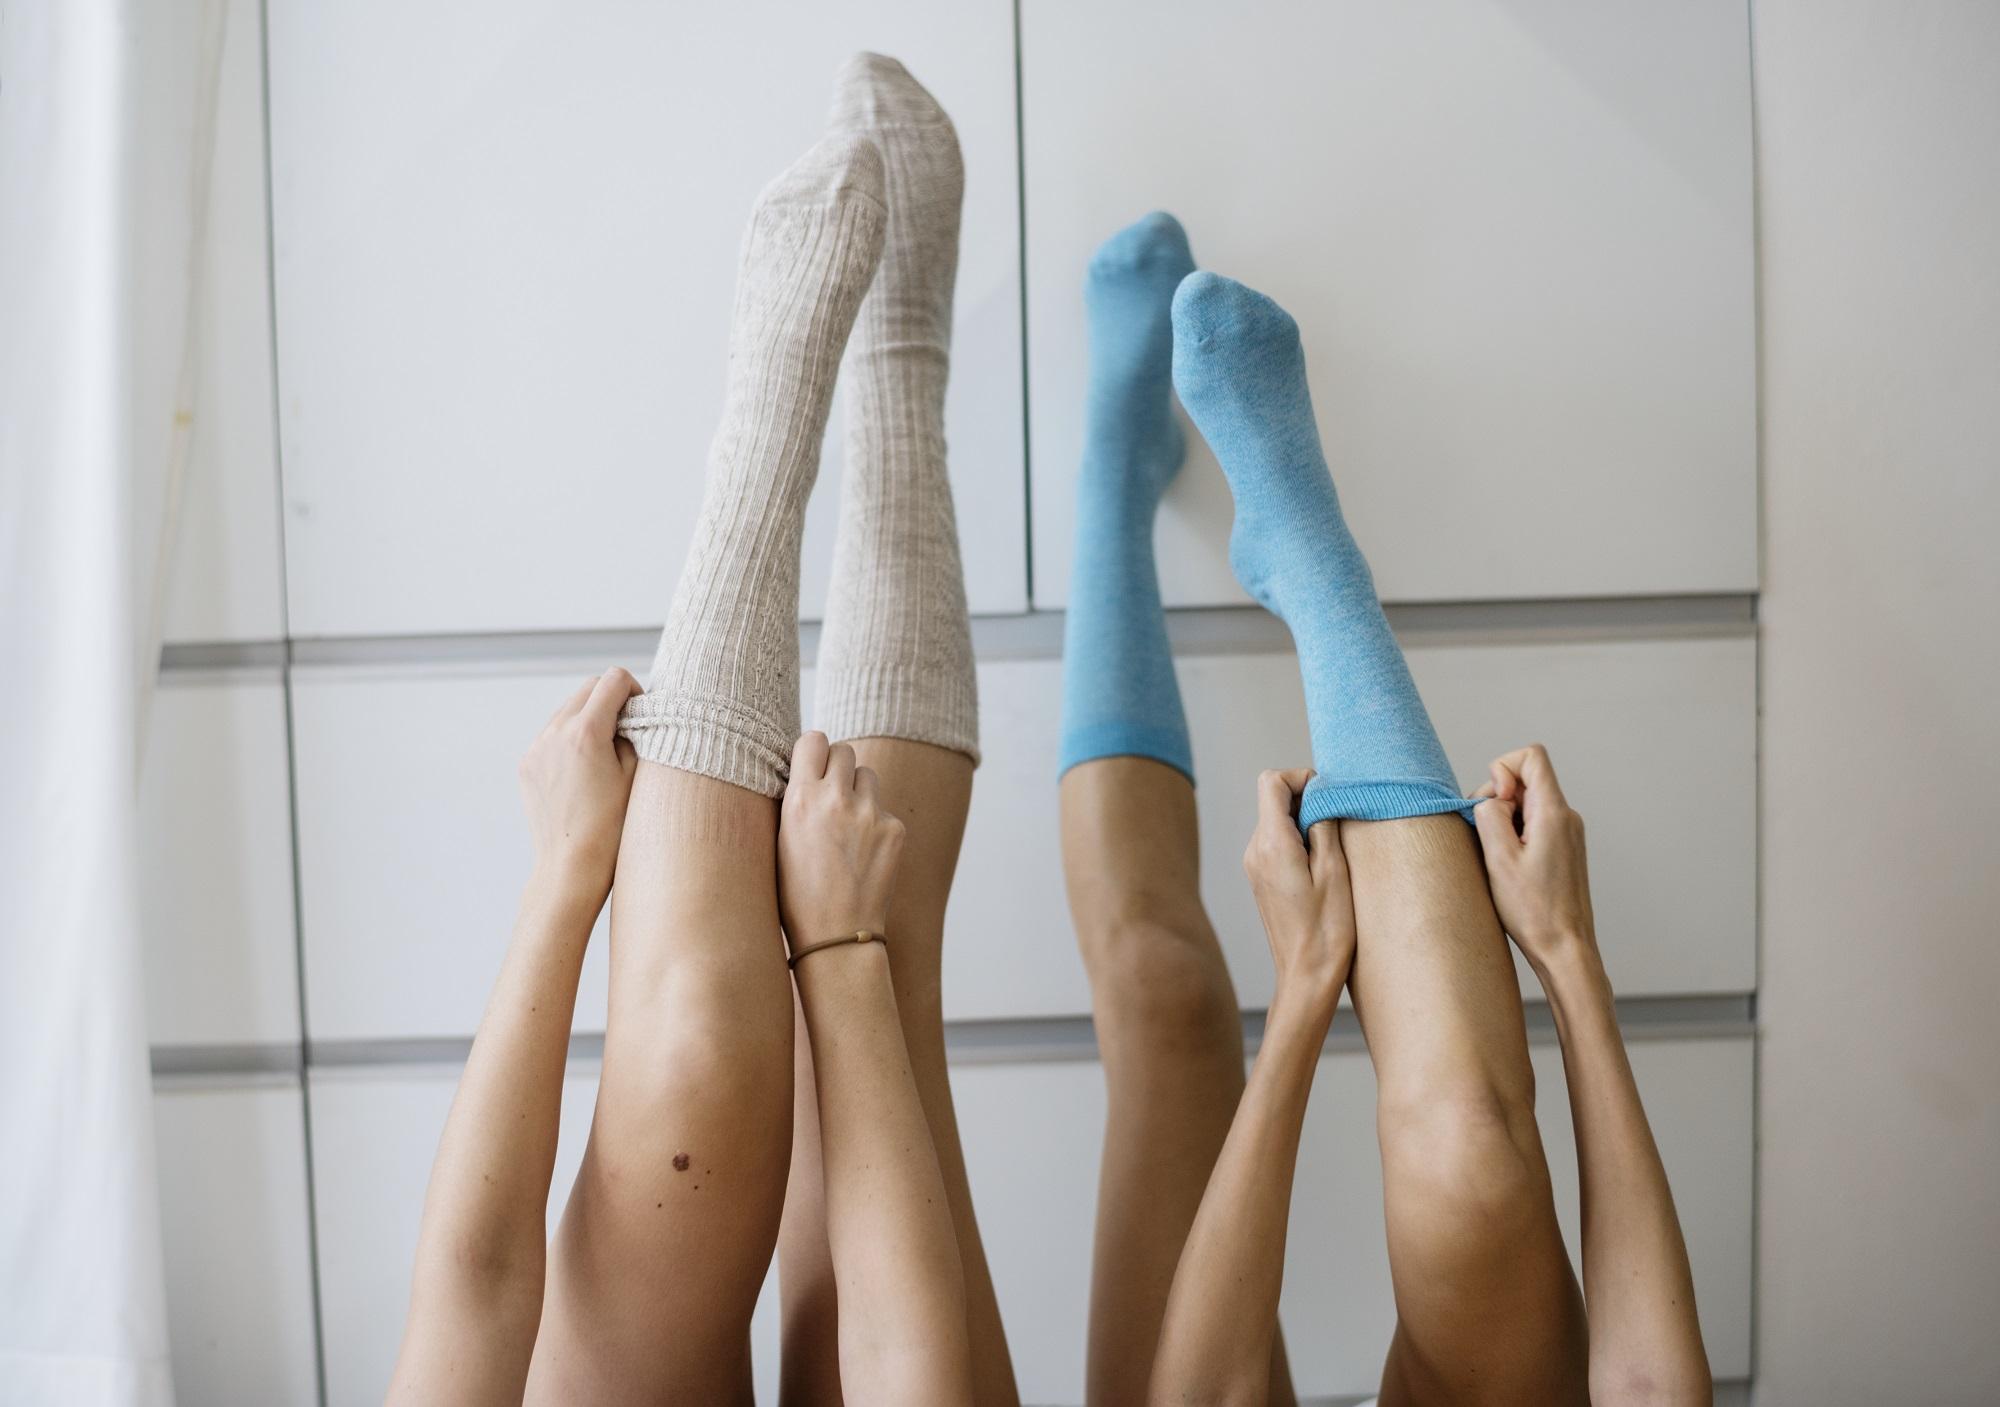 kúp a lábak ízületeiben)